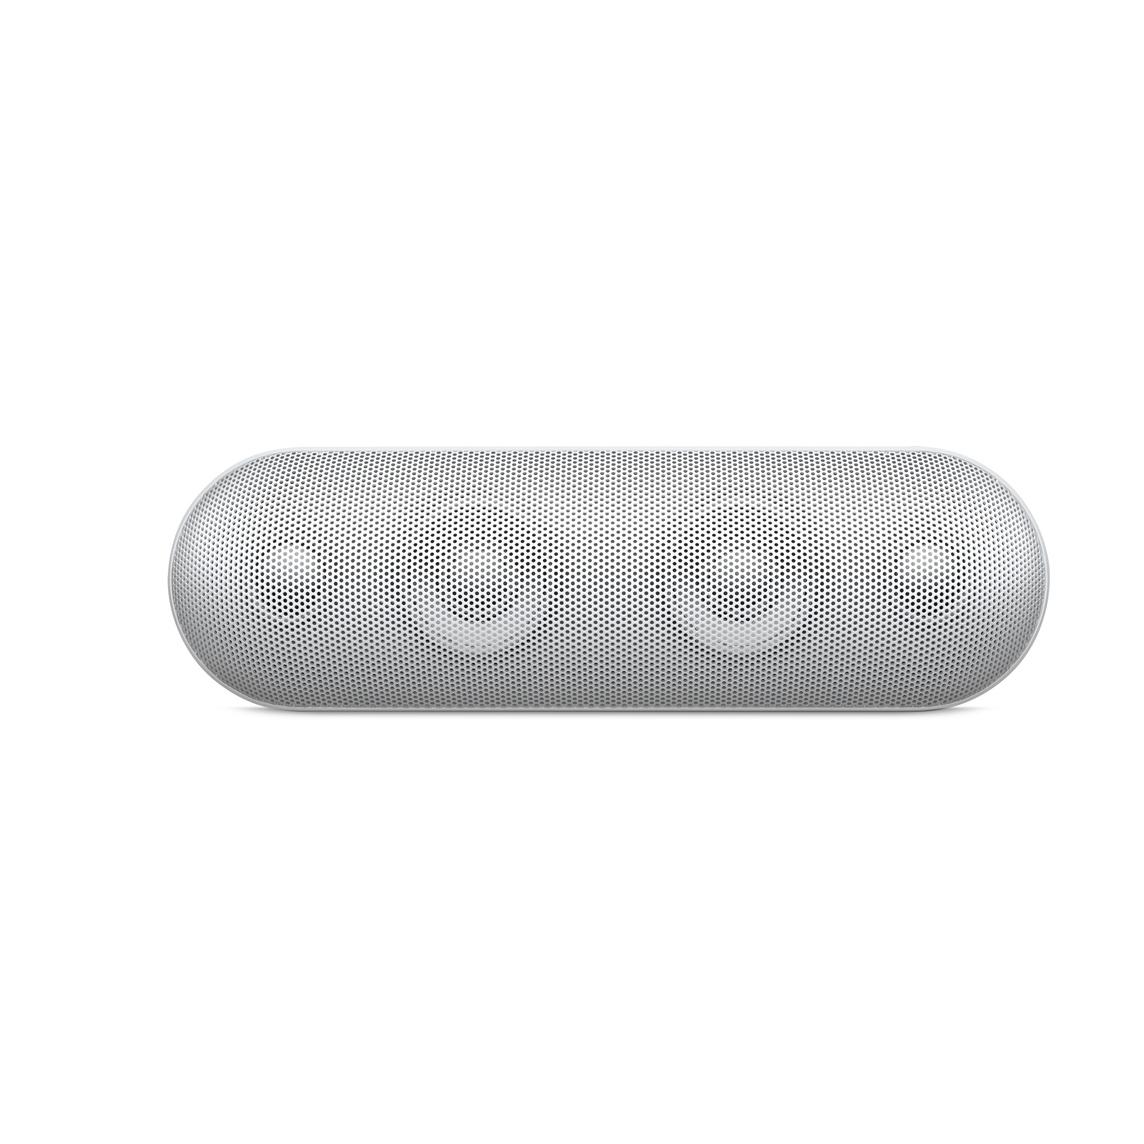 Beats Pill Portable Speaker White Apple